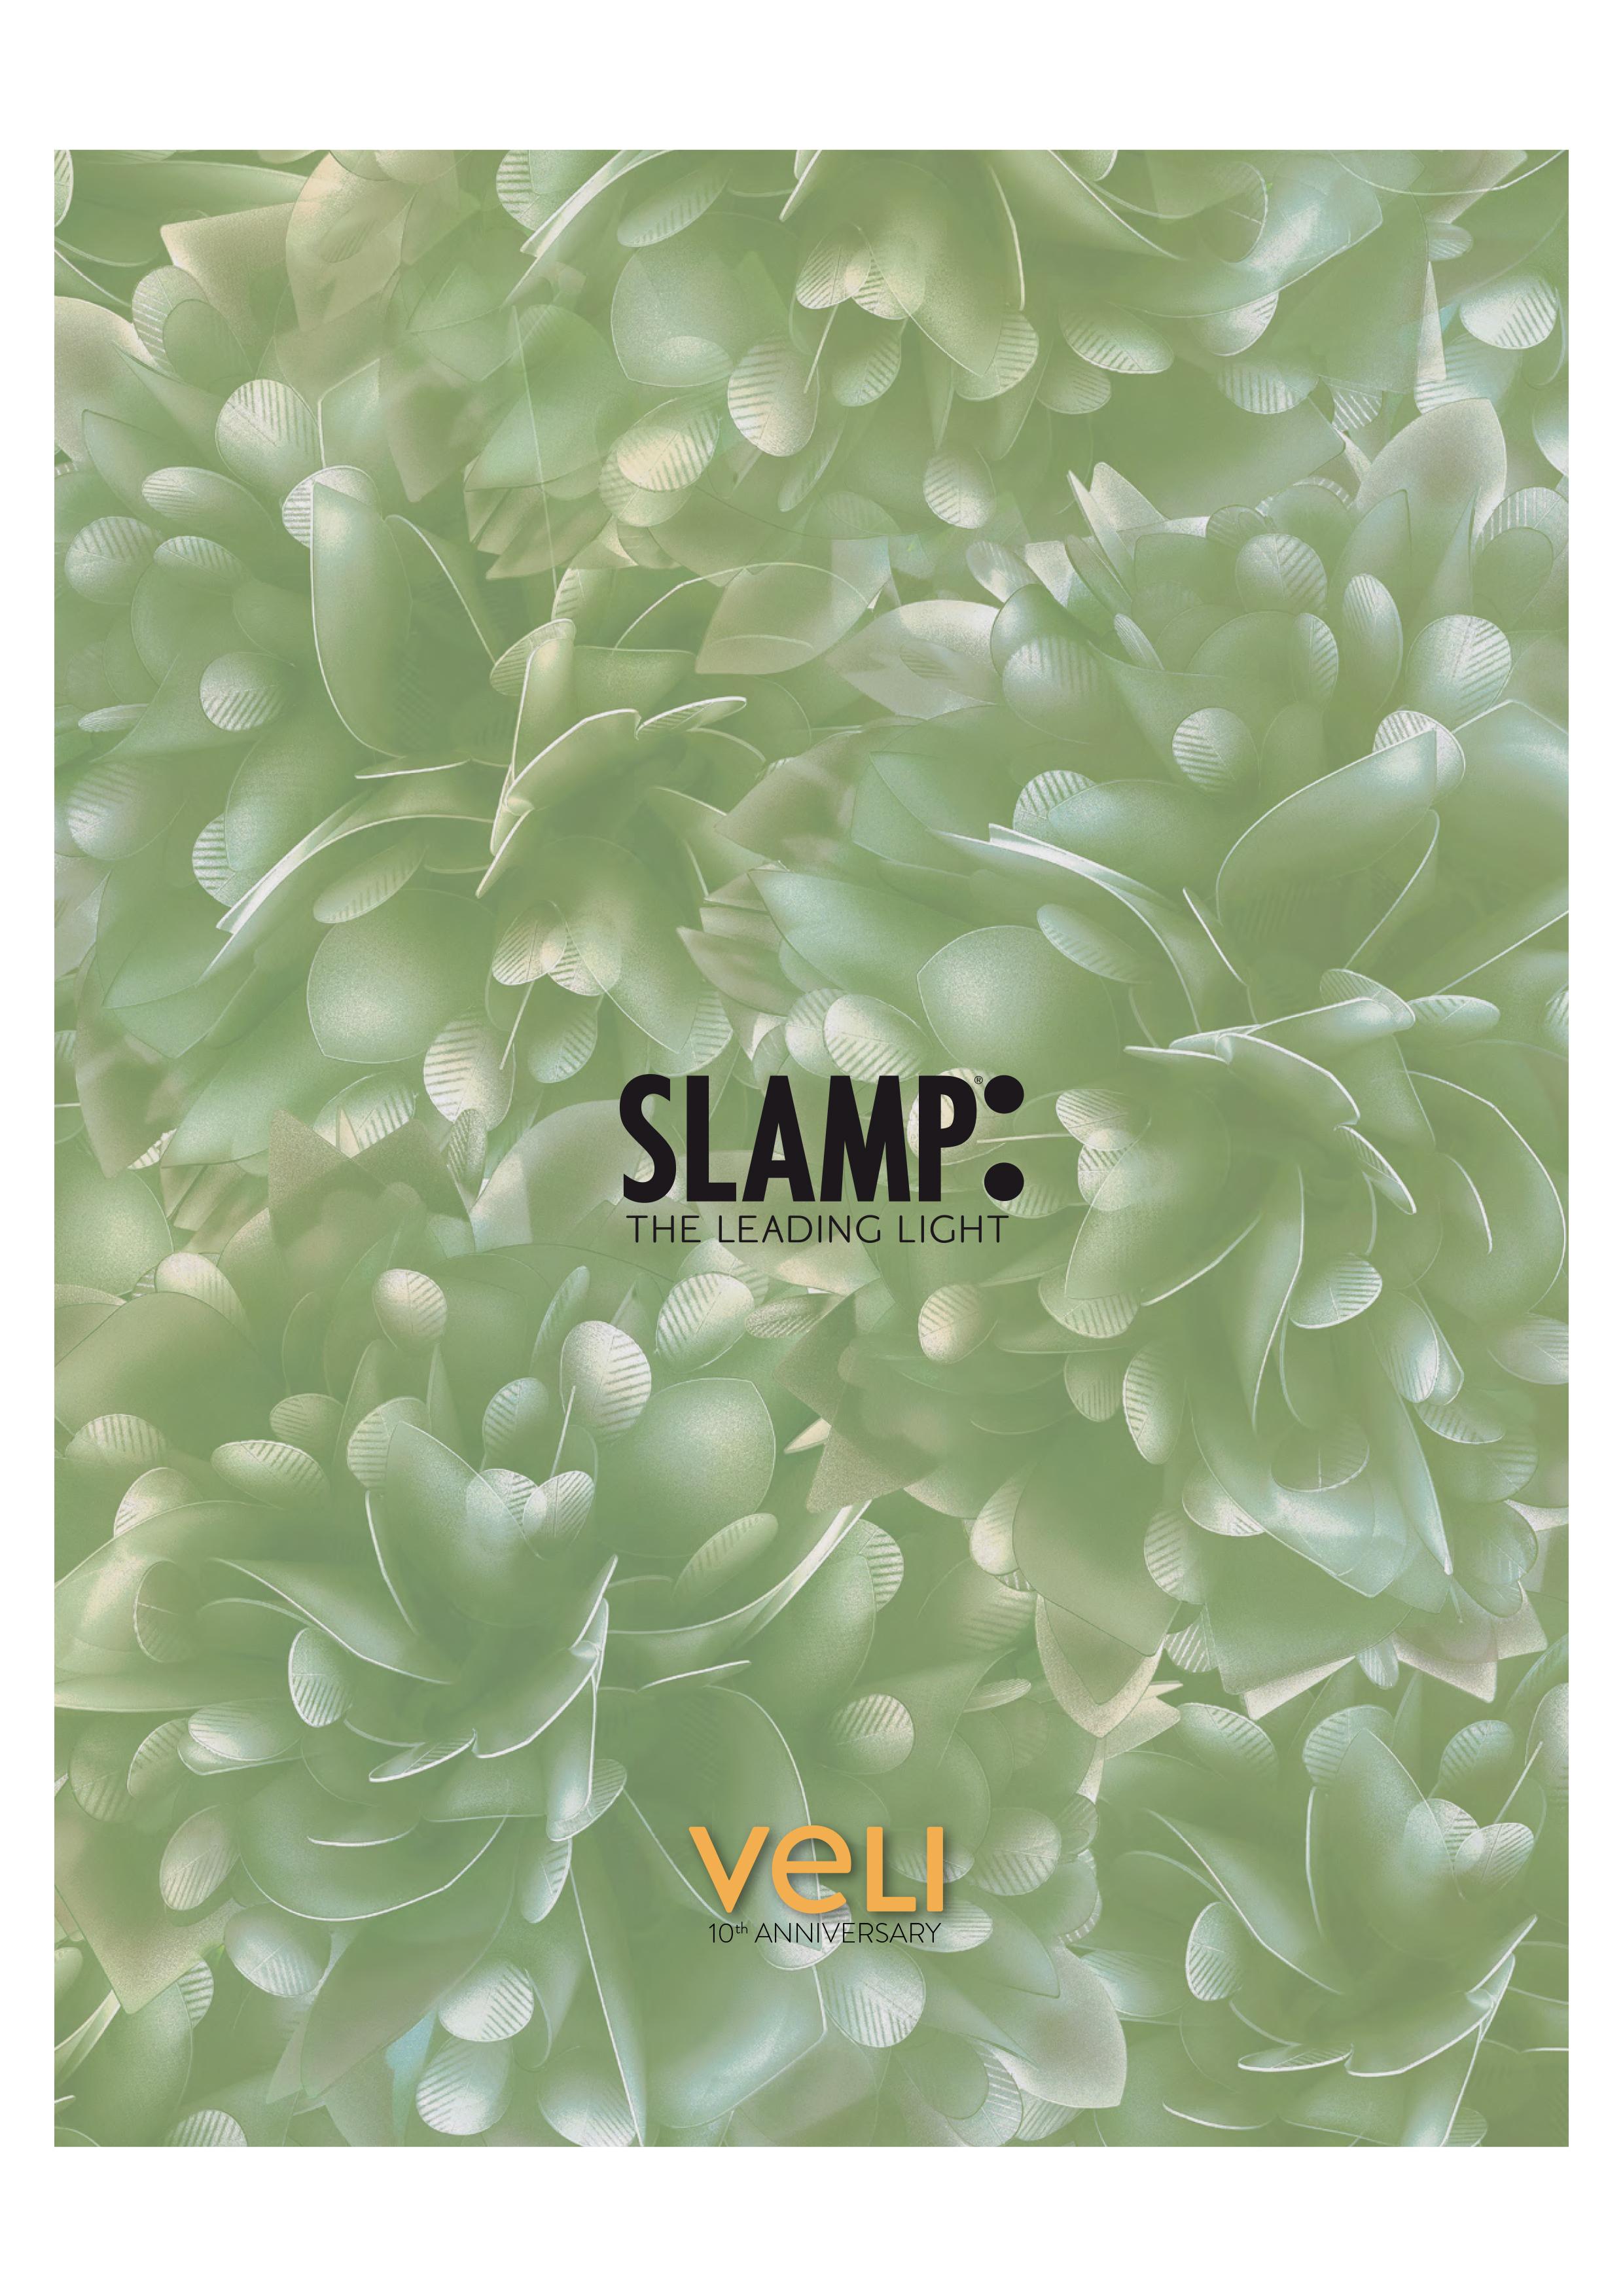 Slamp - Simone Crestani - Trophy Bottles